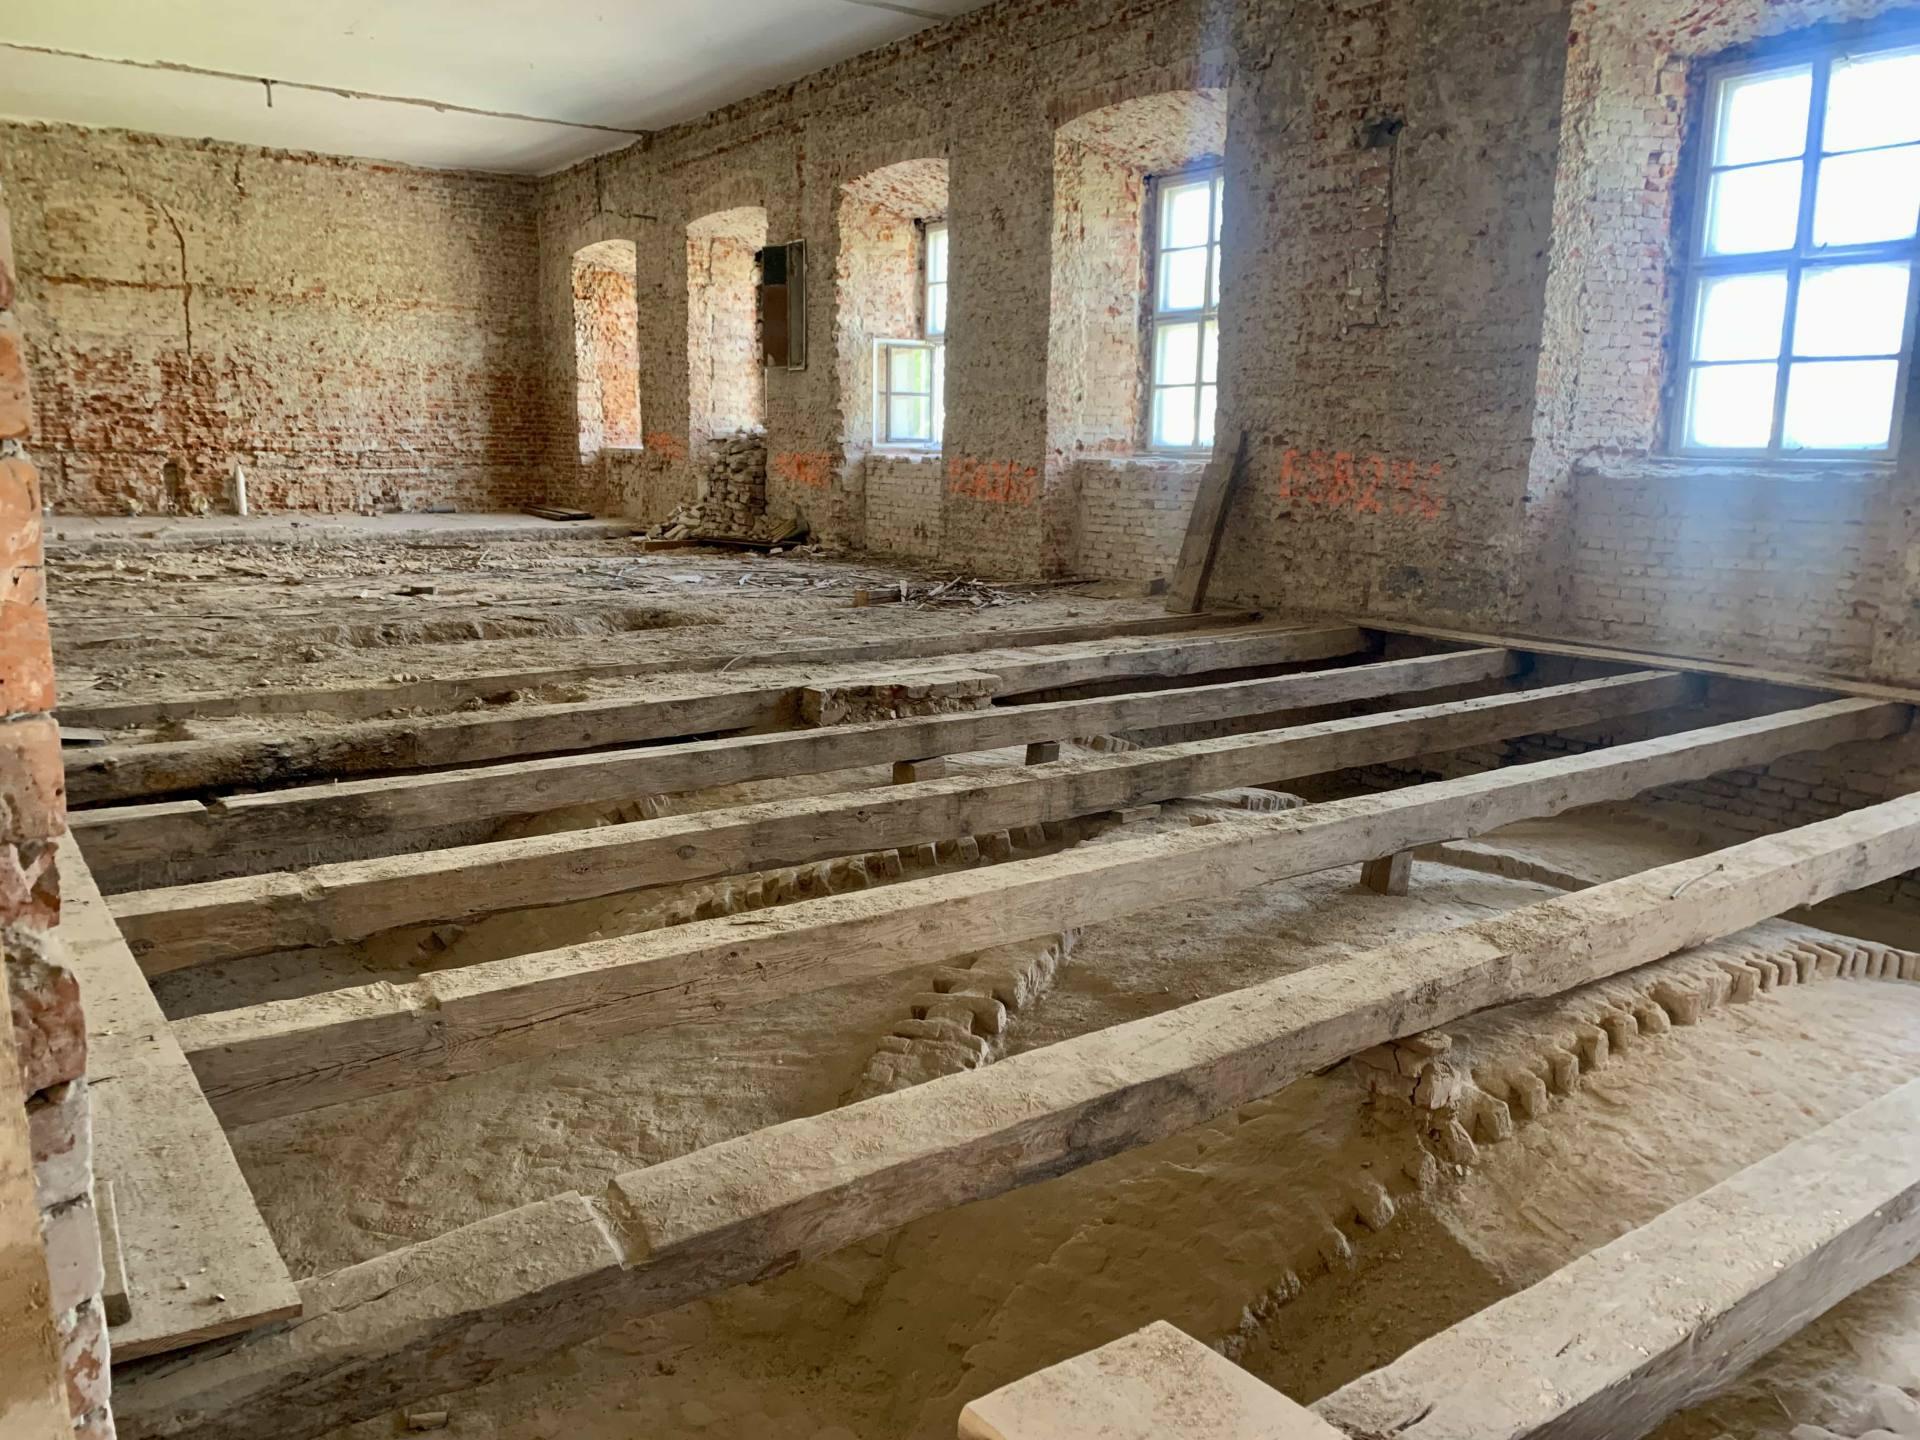 img 1815 ZAMOŚĆ: Wznowiono roboty budowlane i prace konserwatorskie w obiekcie Akademii Zamojskiej [ZDJĘCIA]